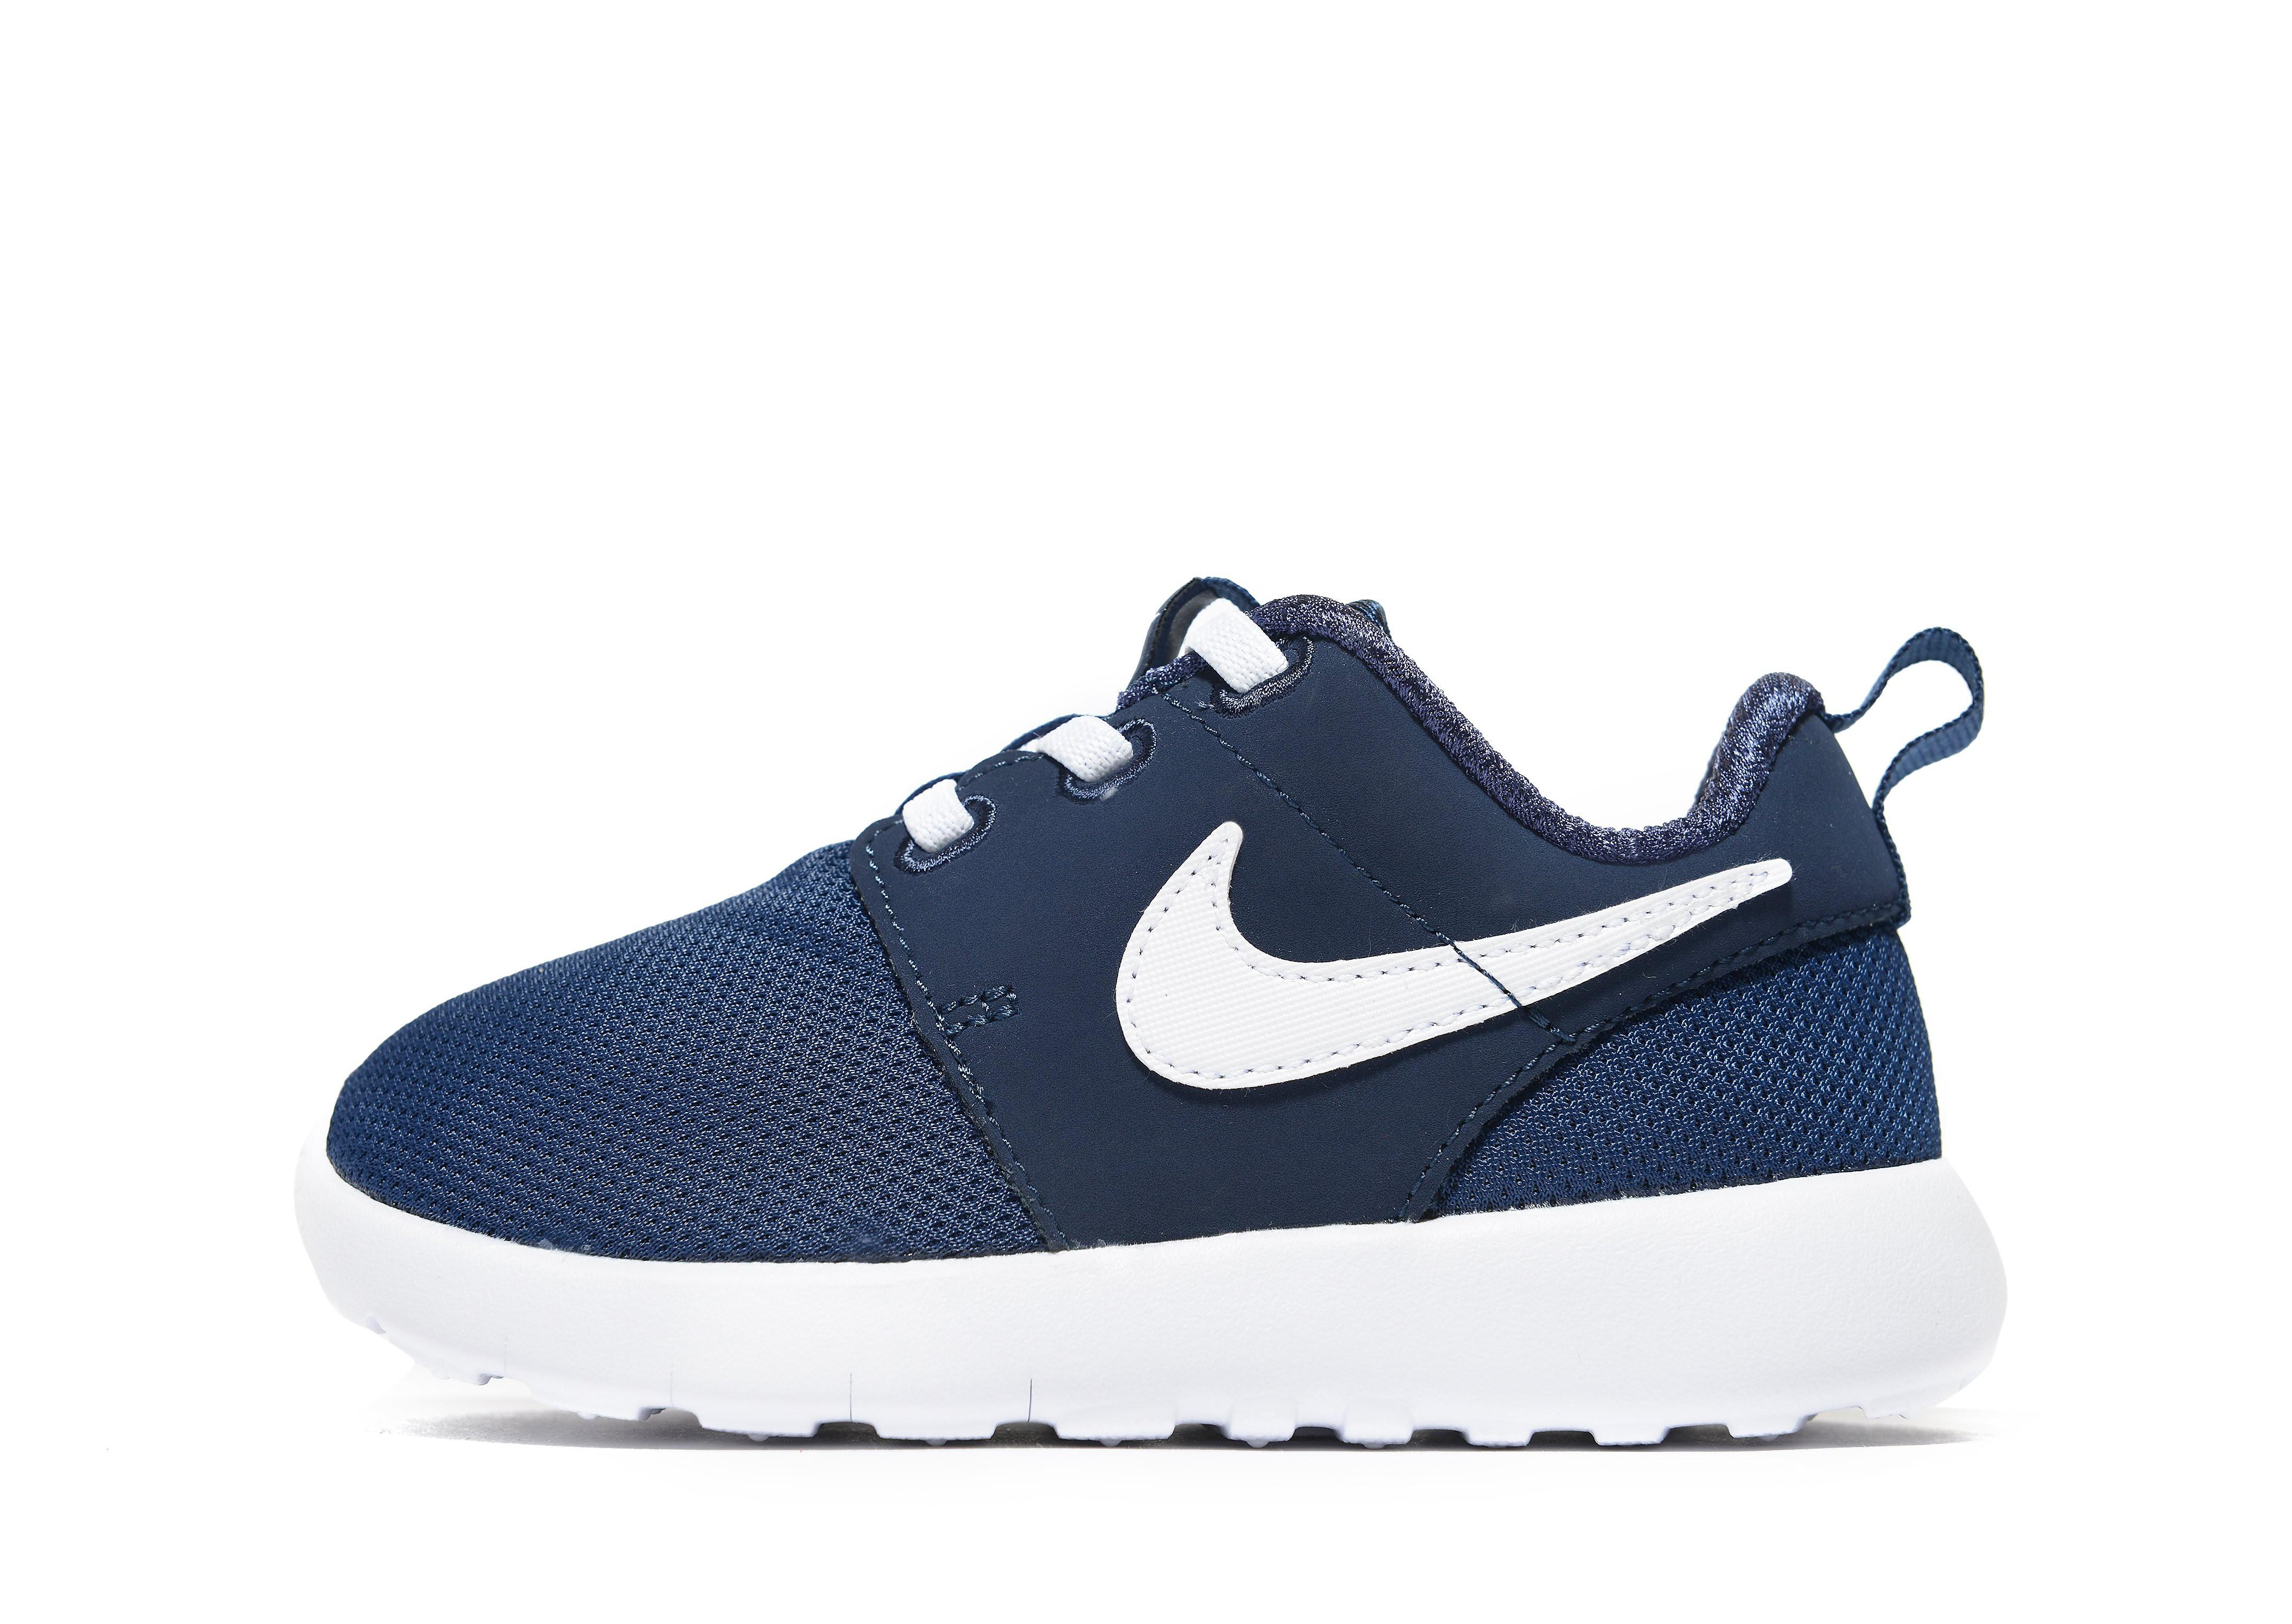 Nike Roshe One Infant